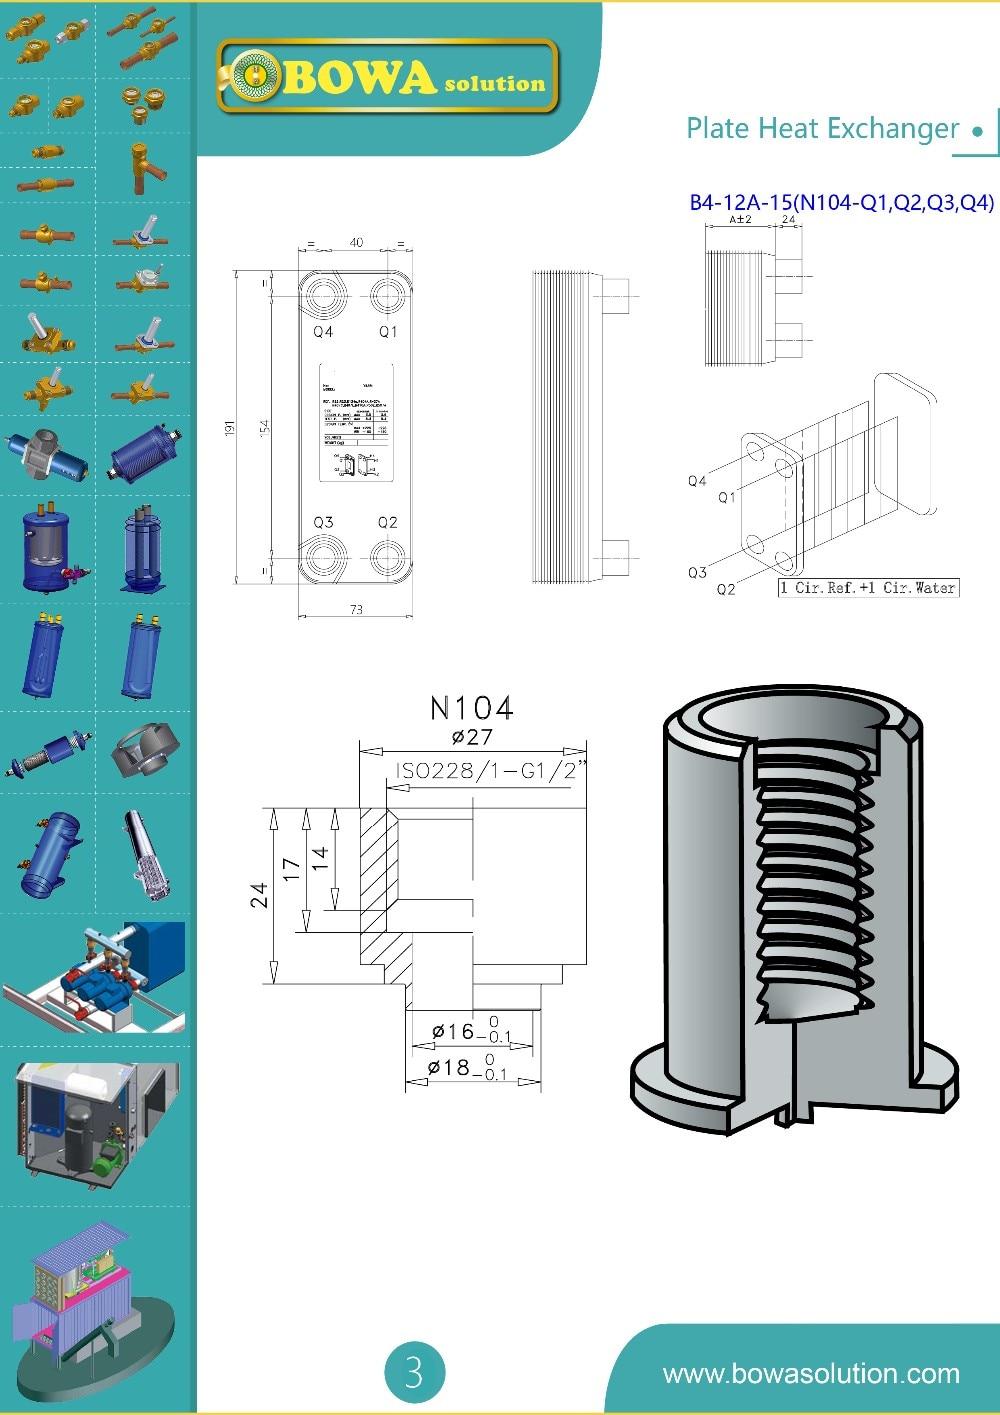 15 пластин никелевые паяные пластины из нержавеющей стали теплообменник отличное качество частей для нагревательного устройства